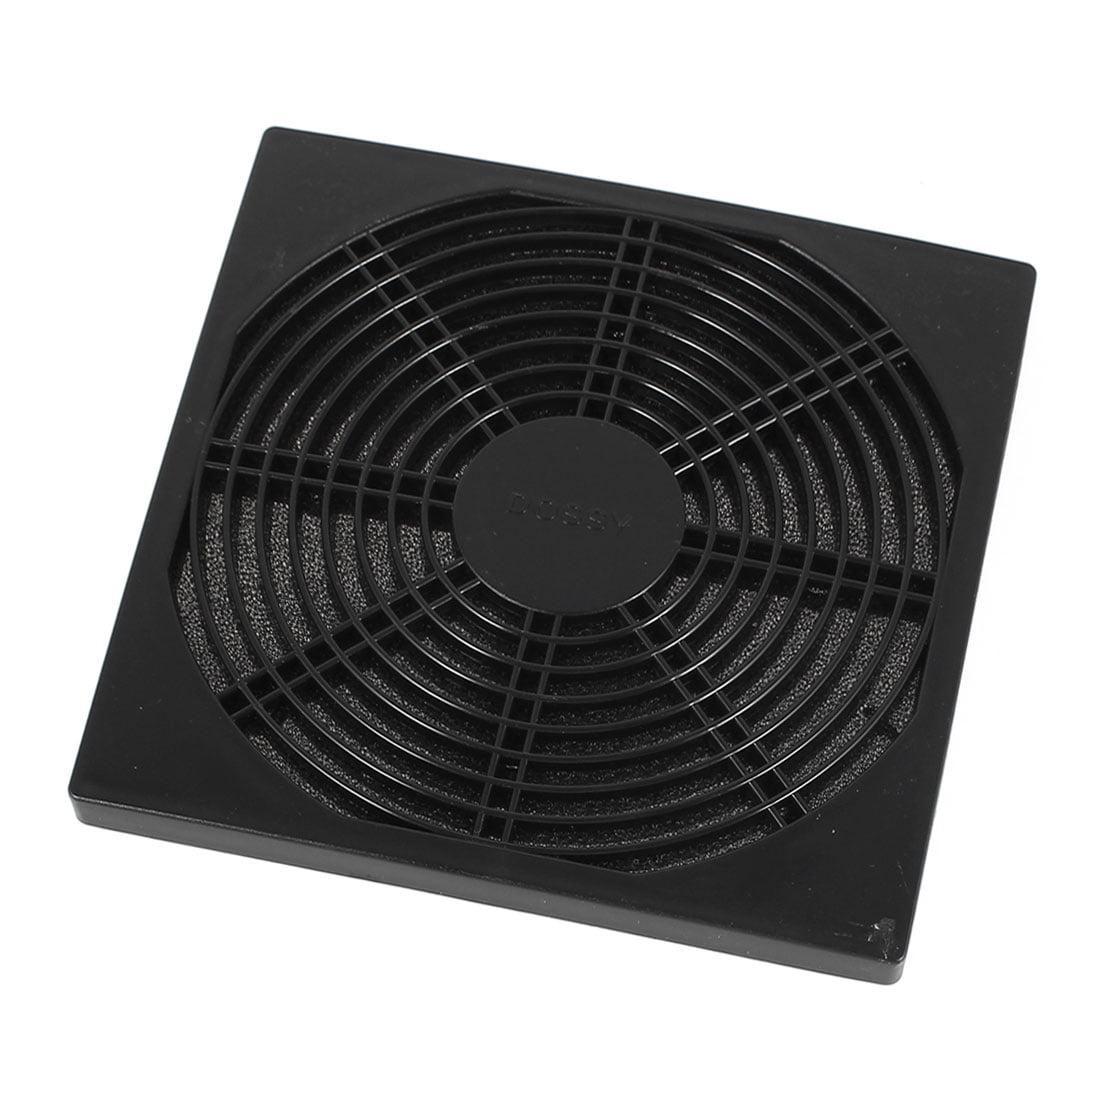 Unique Bargains Black Plastic Dustproof Filter 150mm PC Computer Case Fan Dust Guard Mesh Grill